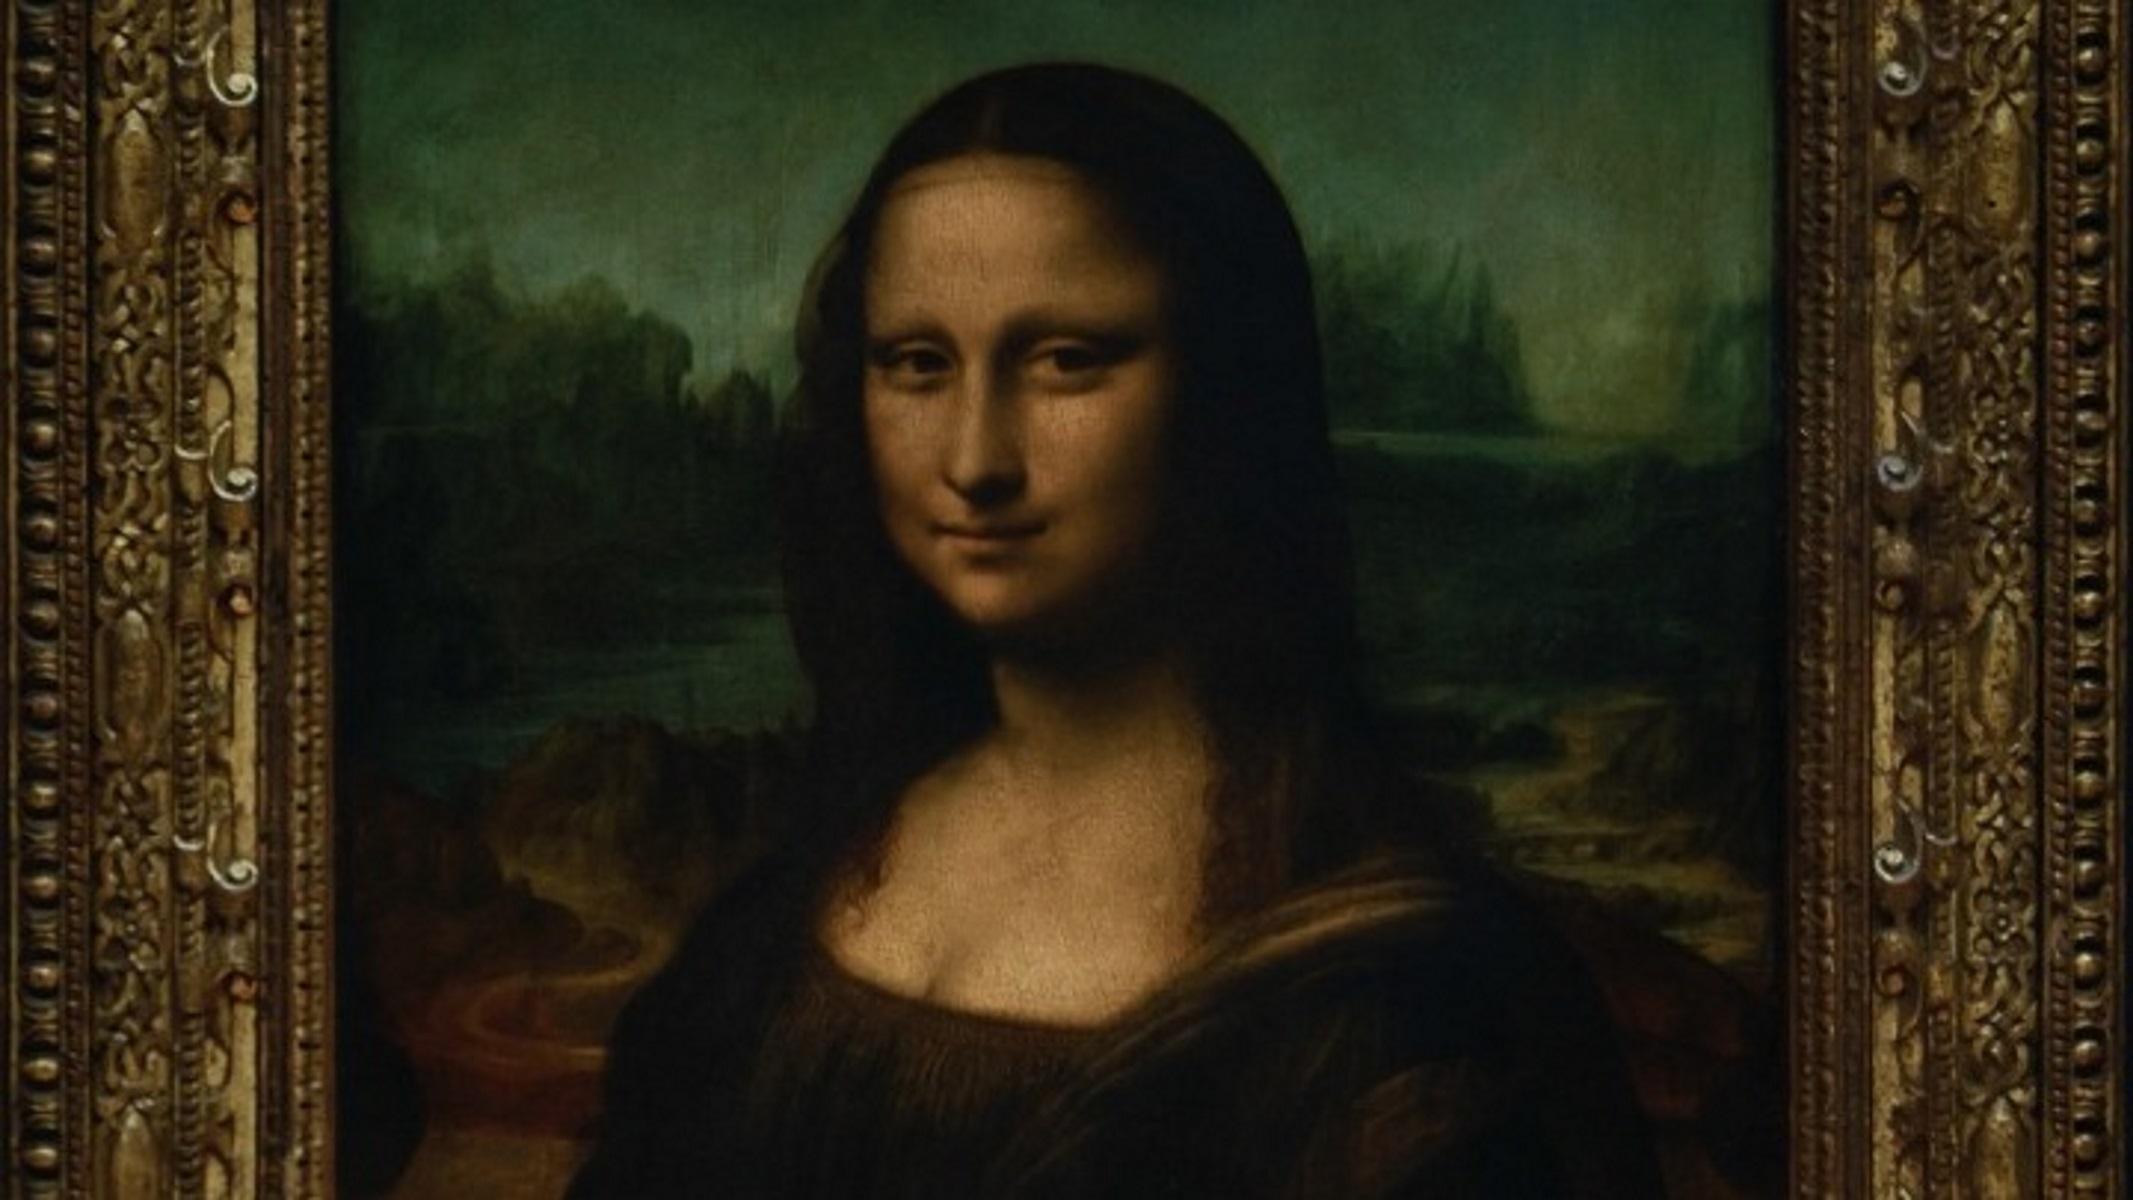 2,9 εκατ. ευρώ για το… αντίγραφο της Μόνα Λίζα σε δημοπρασία του οίκου Christie's